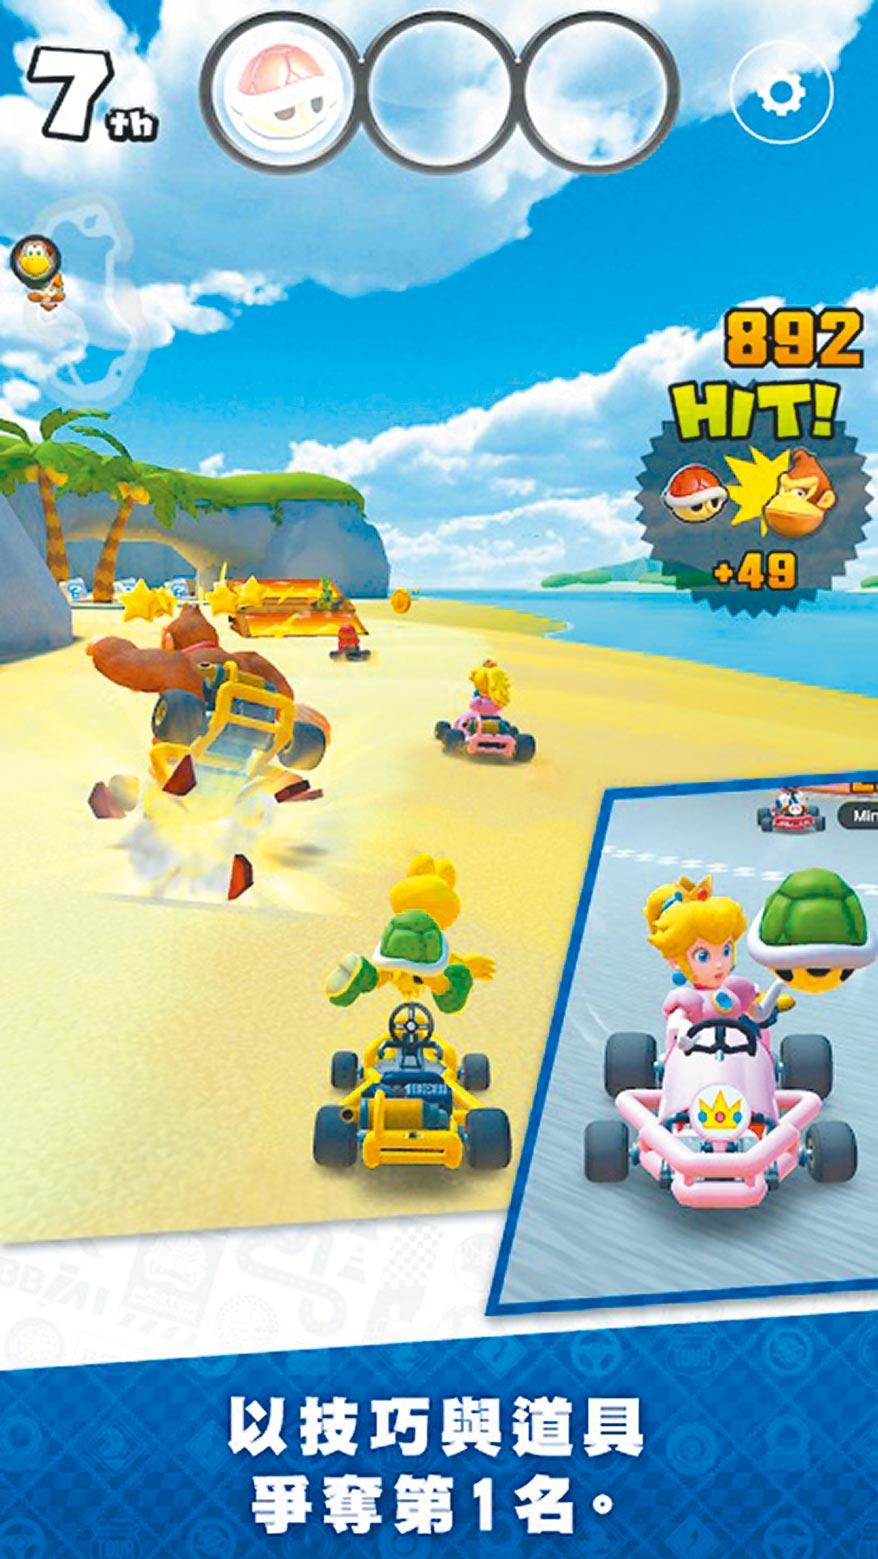 瑪利歐系列賽車遊戲《Mario Kart Tour》成為了2019年度Google Play及App Store均上榜的人氣遊戲。(Google官網)